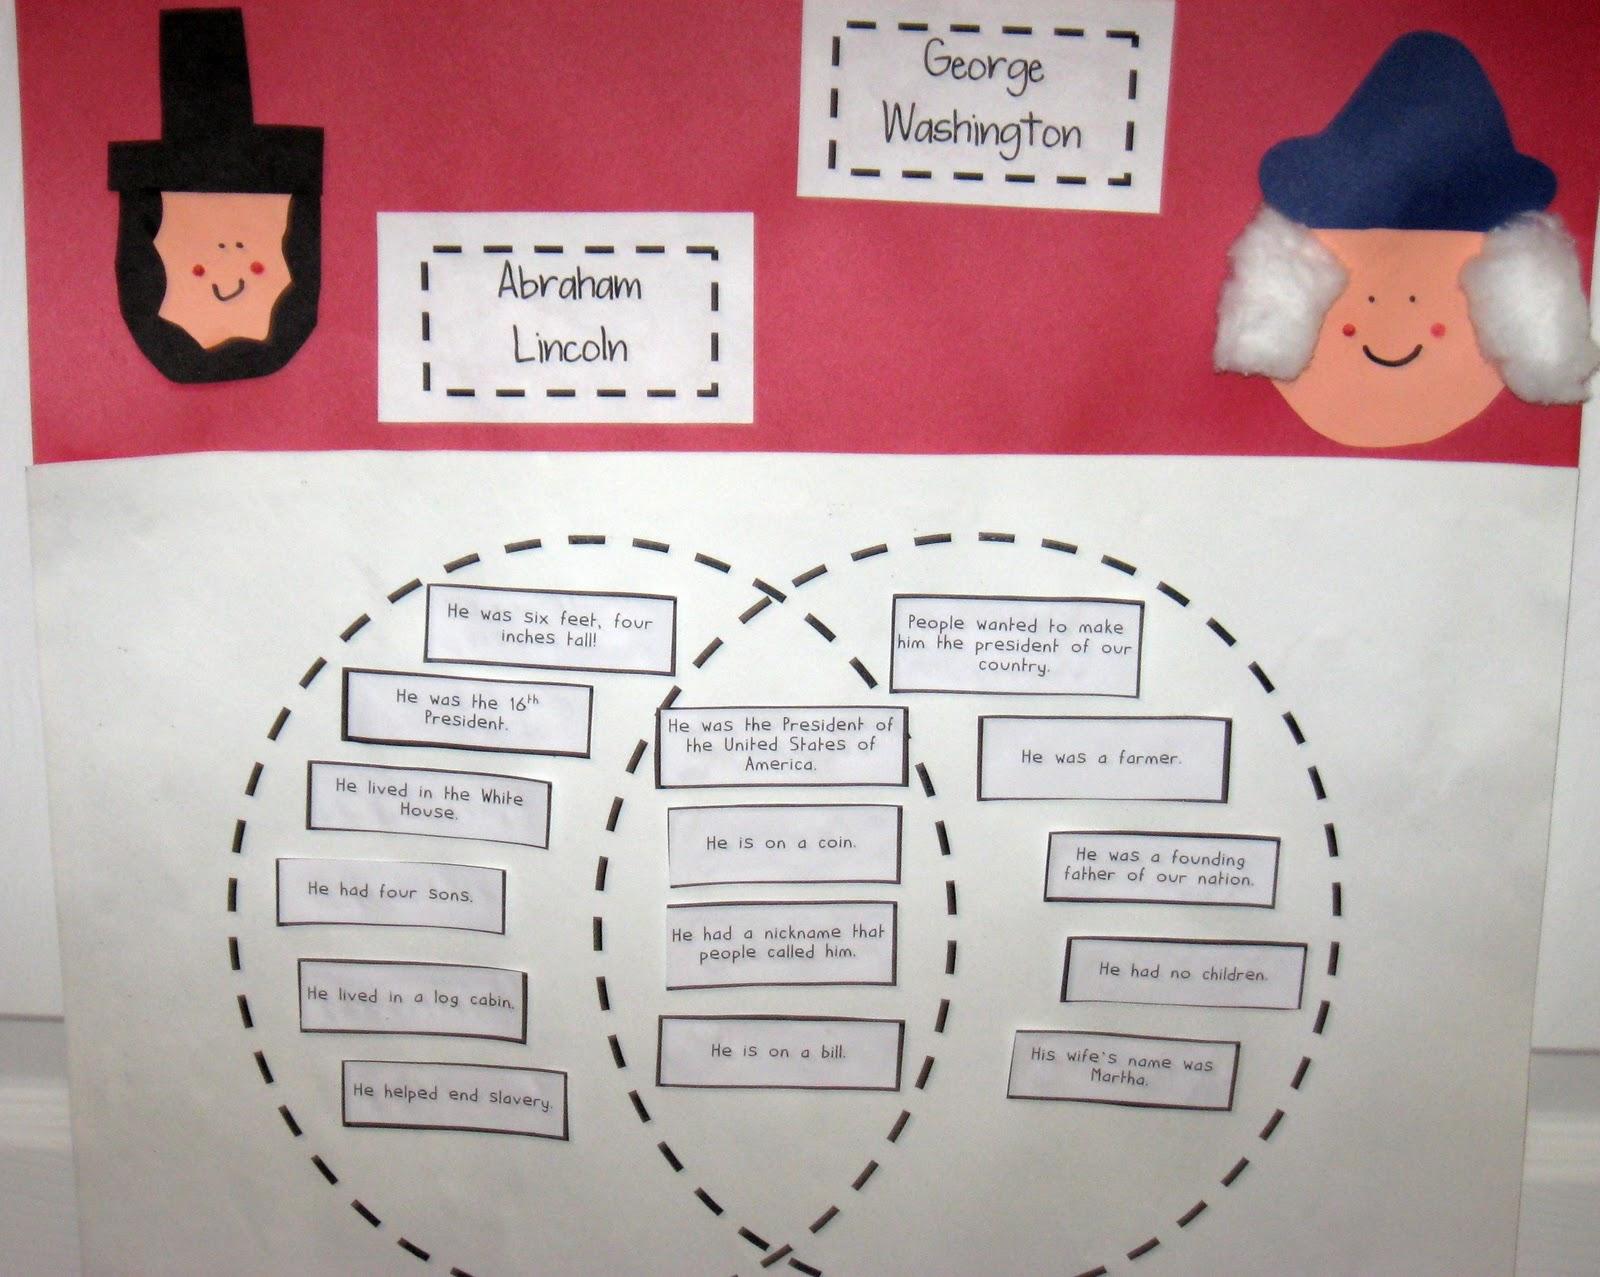 Venn Diagram Bulletin Board 7 Way Trailer Plug Wiring Ford F150 Presidents Day Ideas And Fun Mrs Kilburn 39s Kiddos